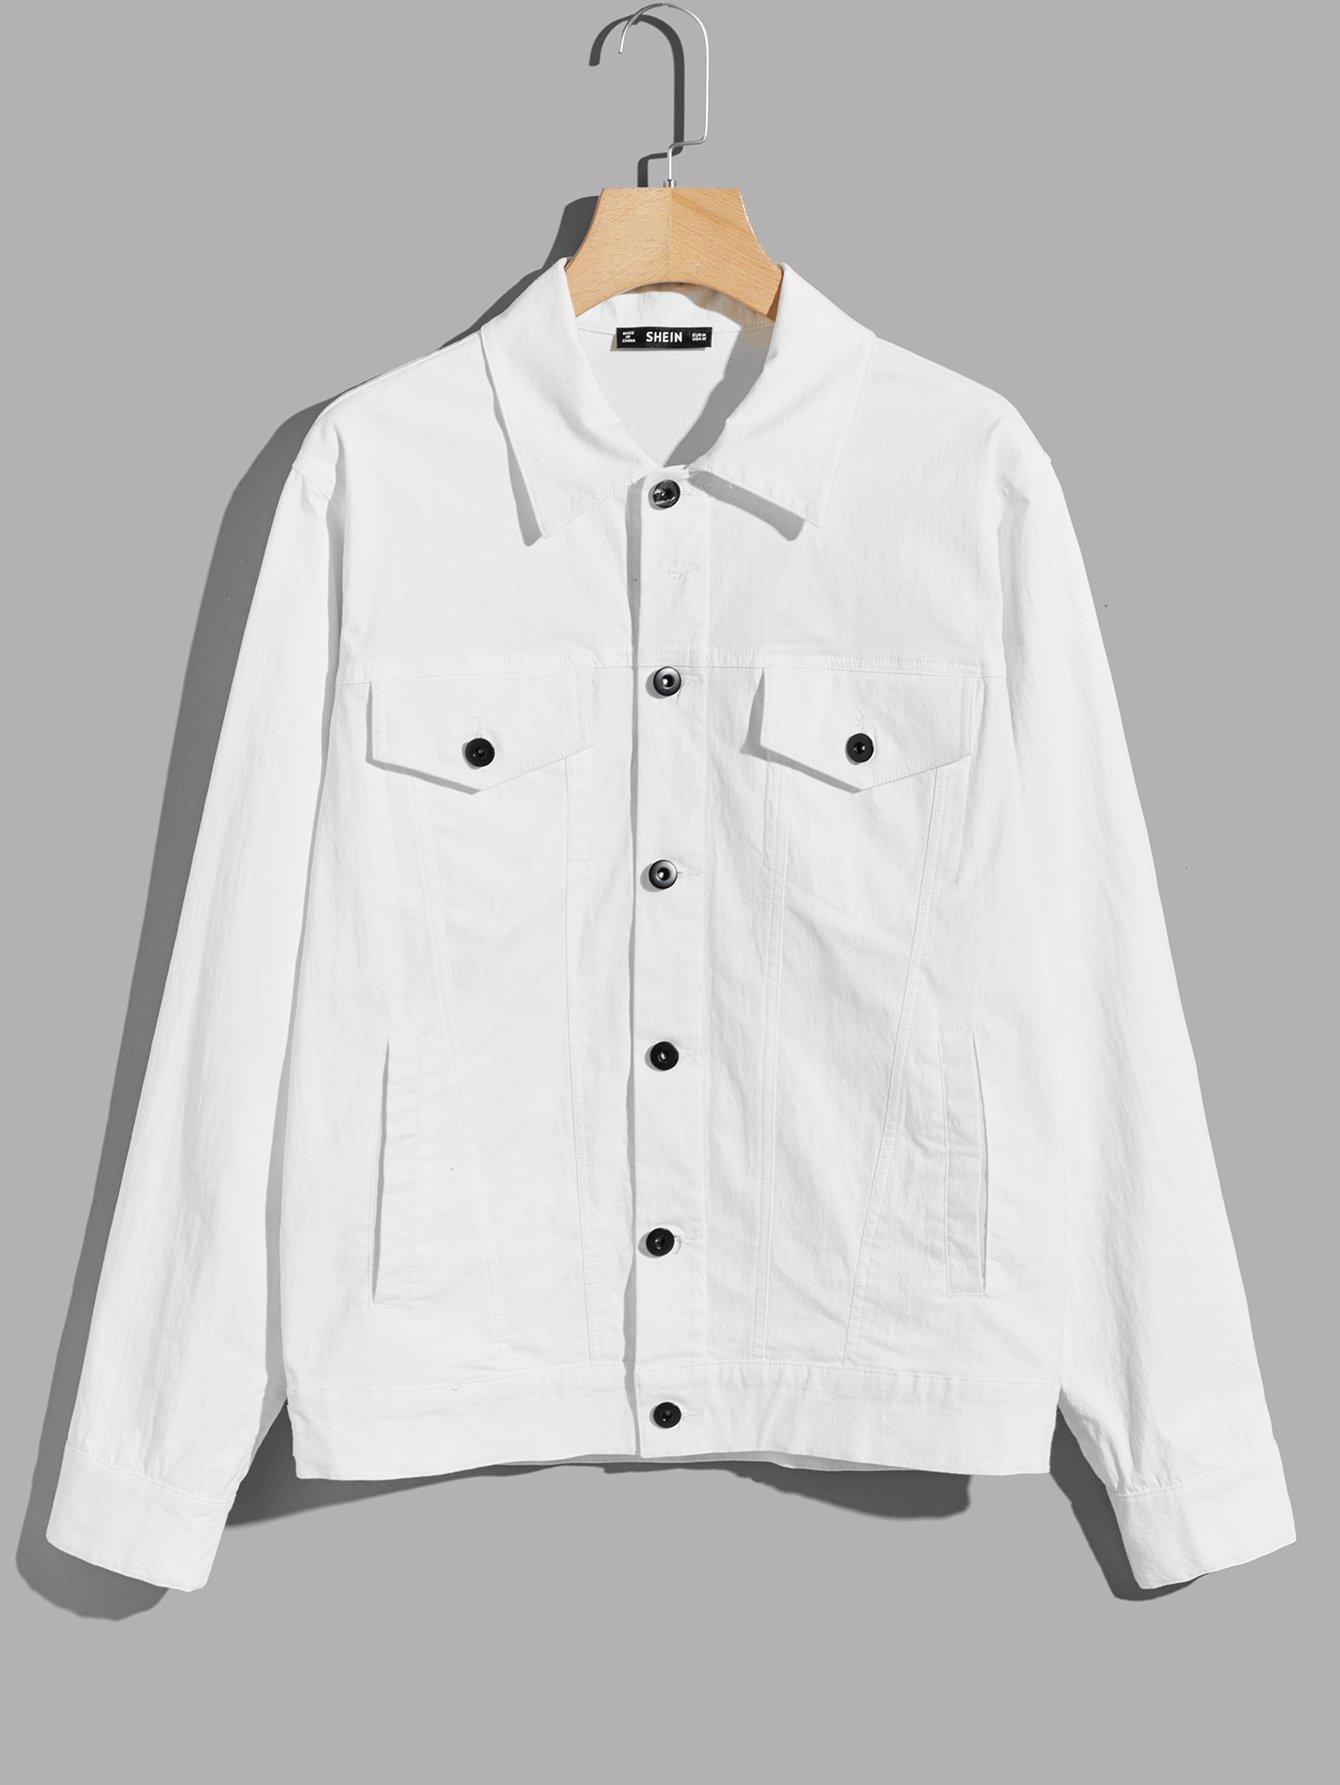 Купить Мужская карманная рубашка с рубашкой, null, SheIn